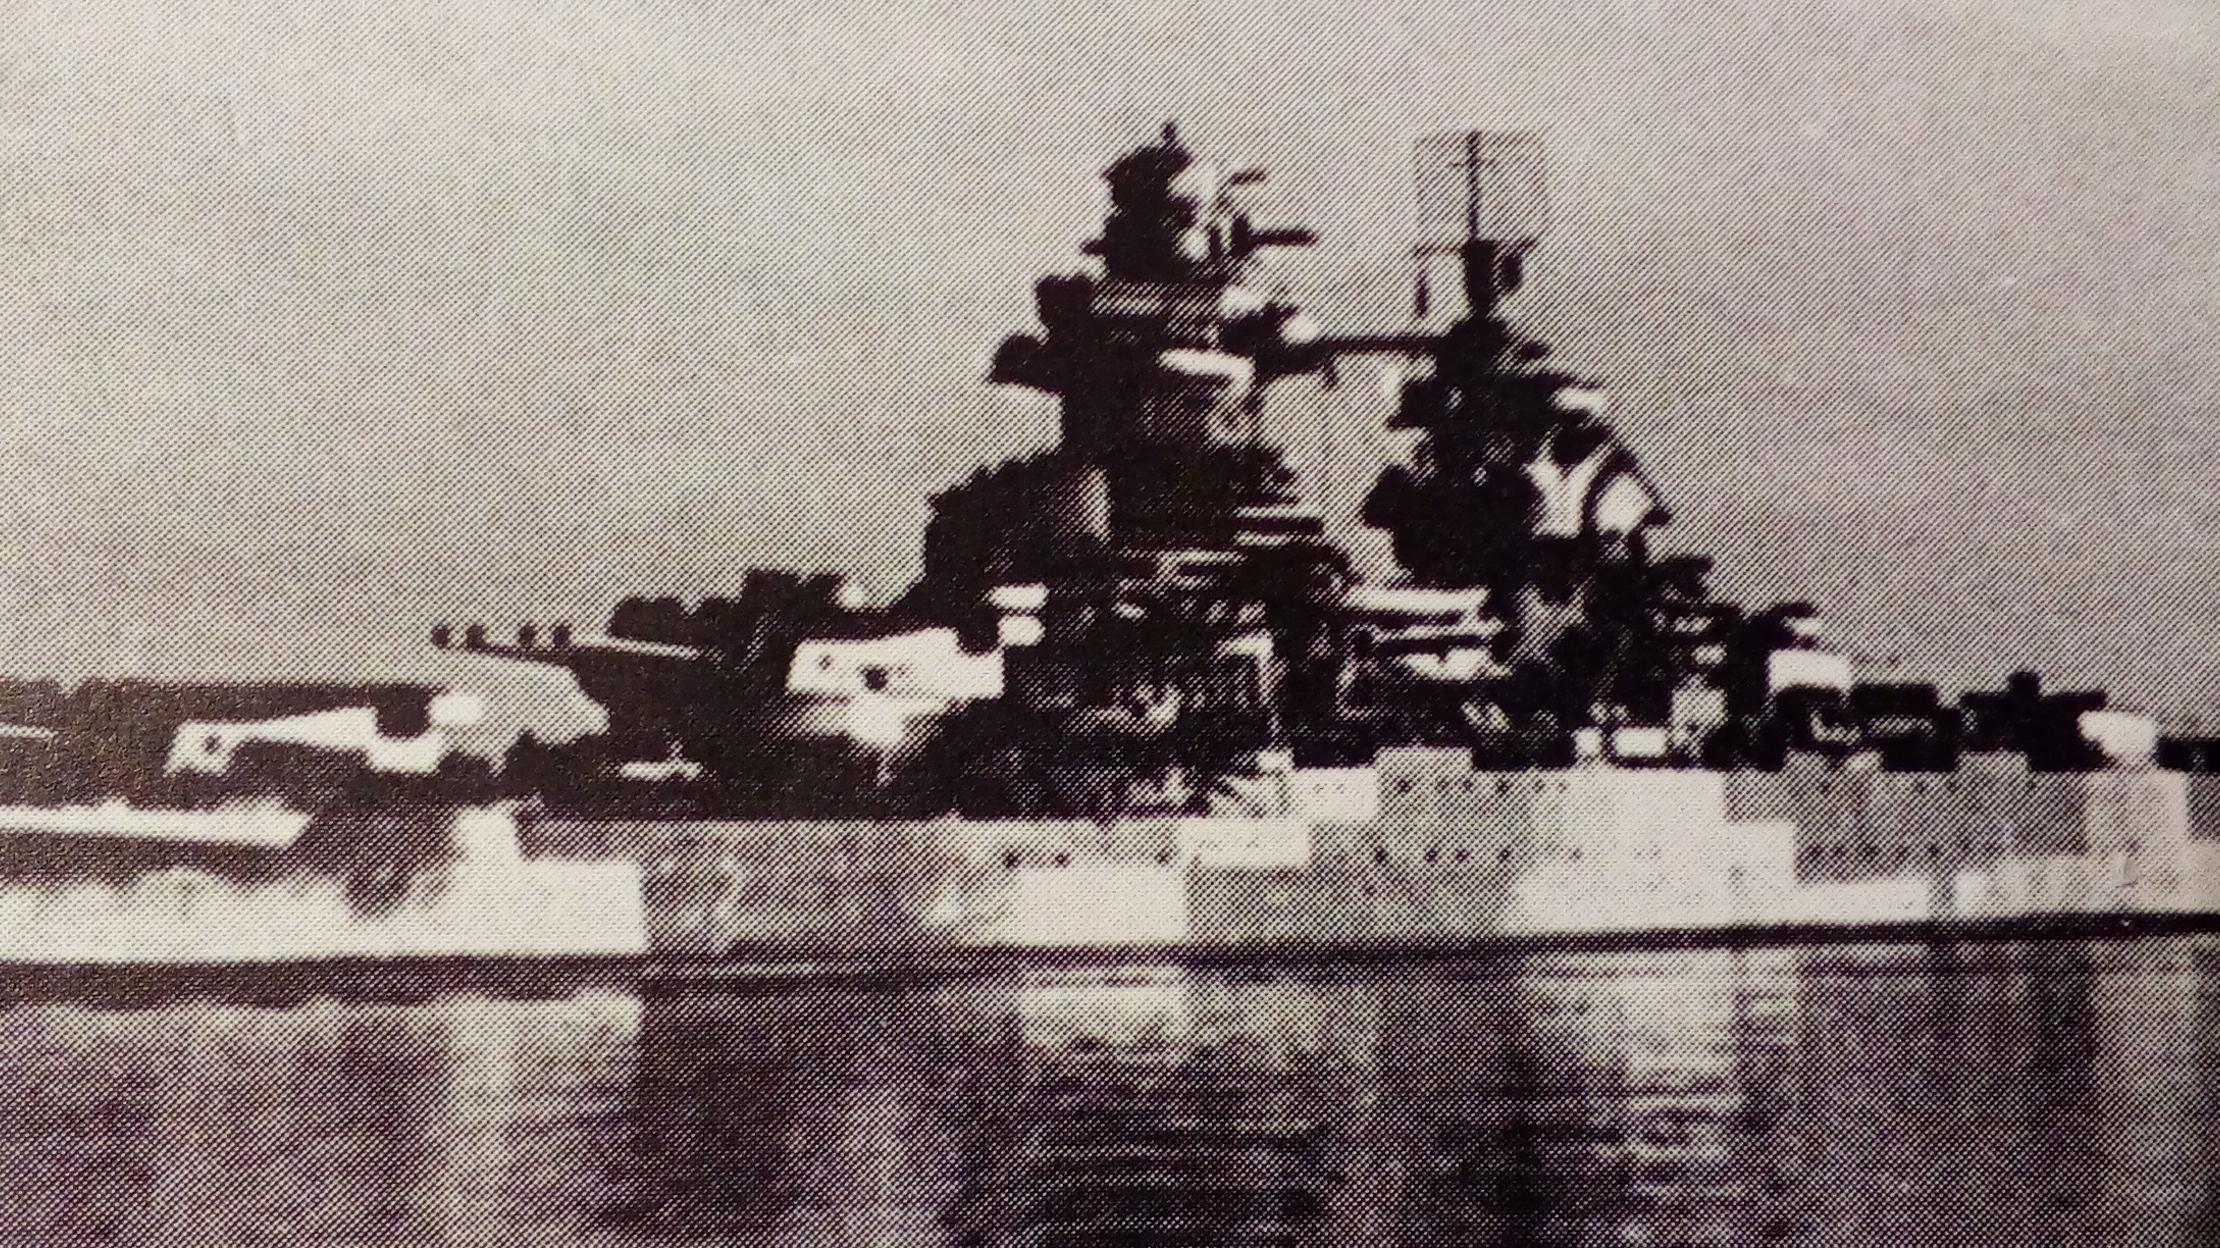 Cuirassé Richelieu 1/100 Vrsion 1943 sur plans Polonais et Sarnet + Dumas - Page 4 148354IMG20161228183416